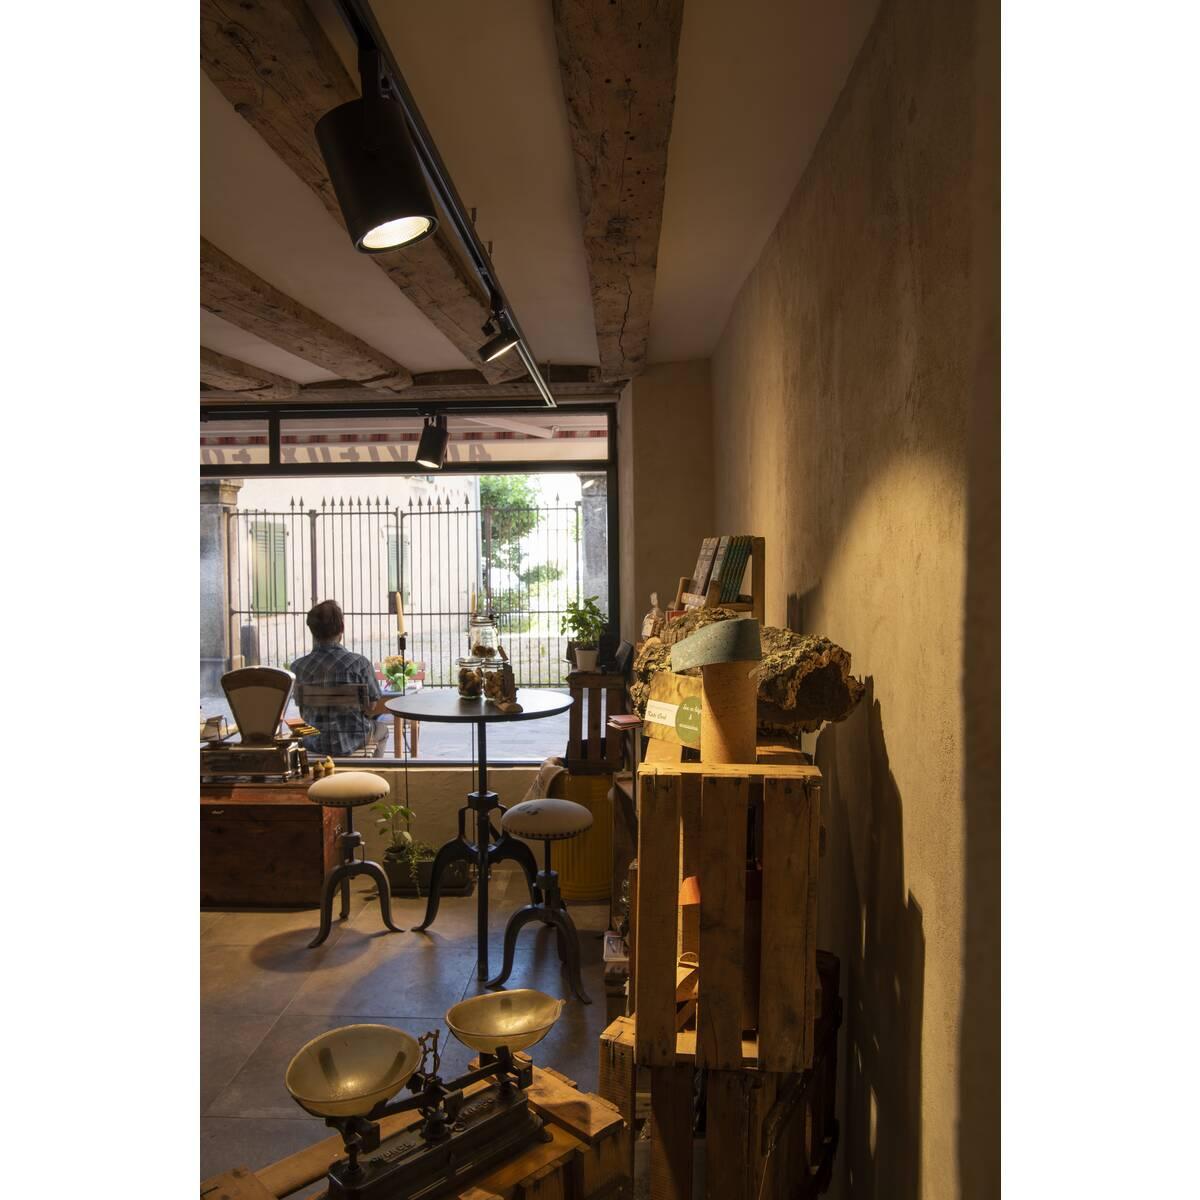 koop online kalu track qrb111 zwart 1xg53 3 fase 153580 van slv webshop slv nederland. Black Bedroom Furniture Sets. Home Design Ideas